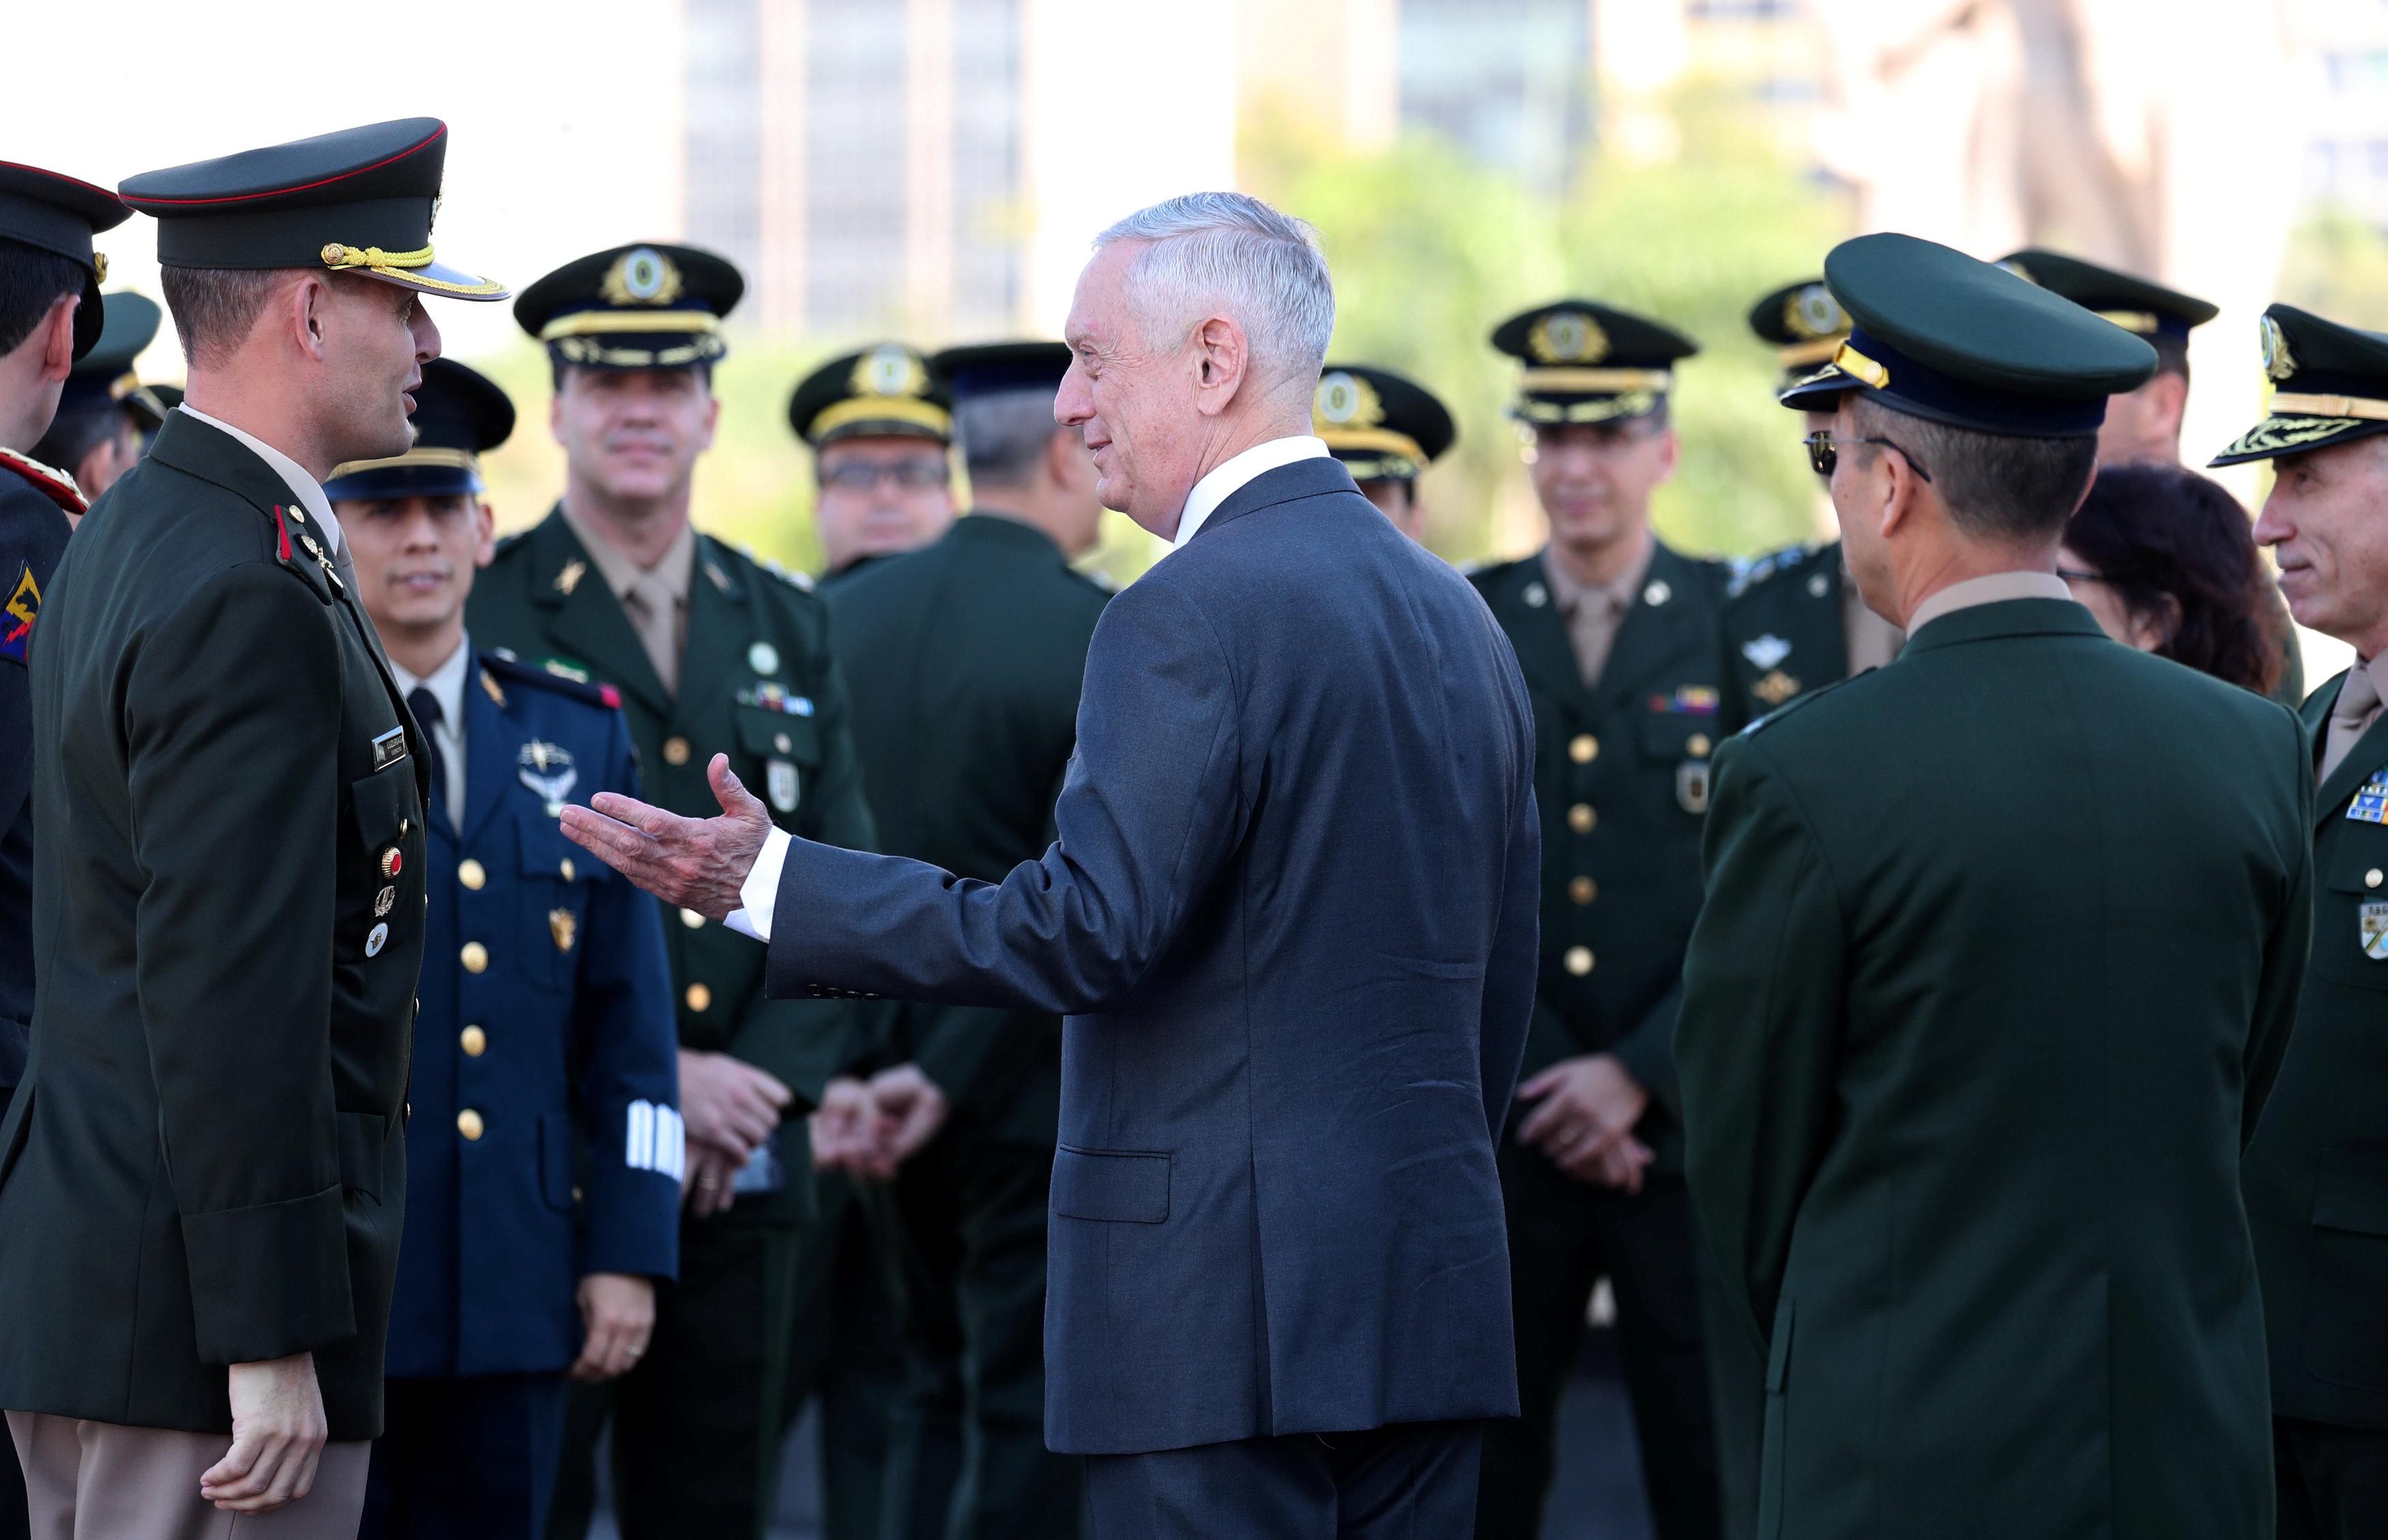 ماتيس يلفت نظره إلى الجيش البرازيلى أثناء زيارته